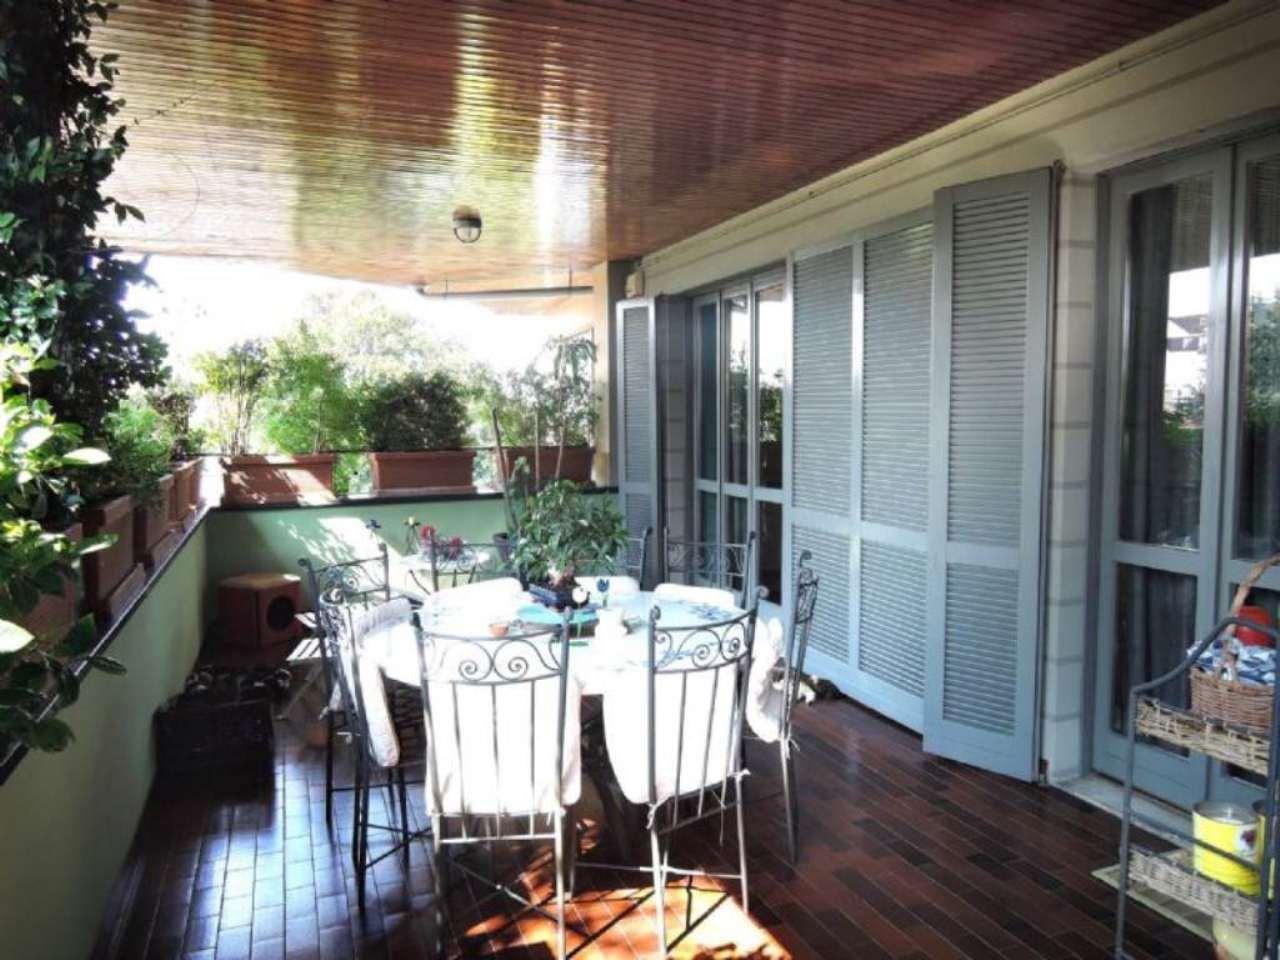 Case in vendita con terrazzo a Milano - Cambiocasa.it